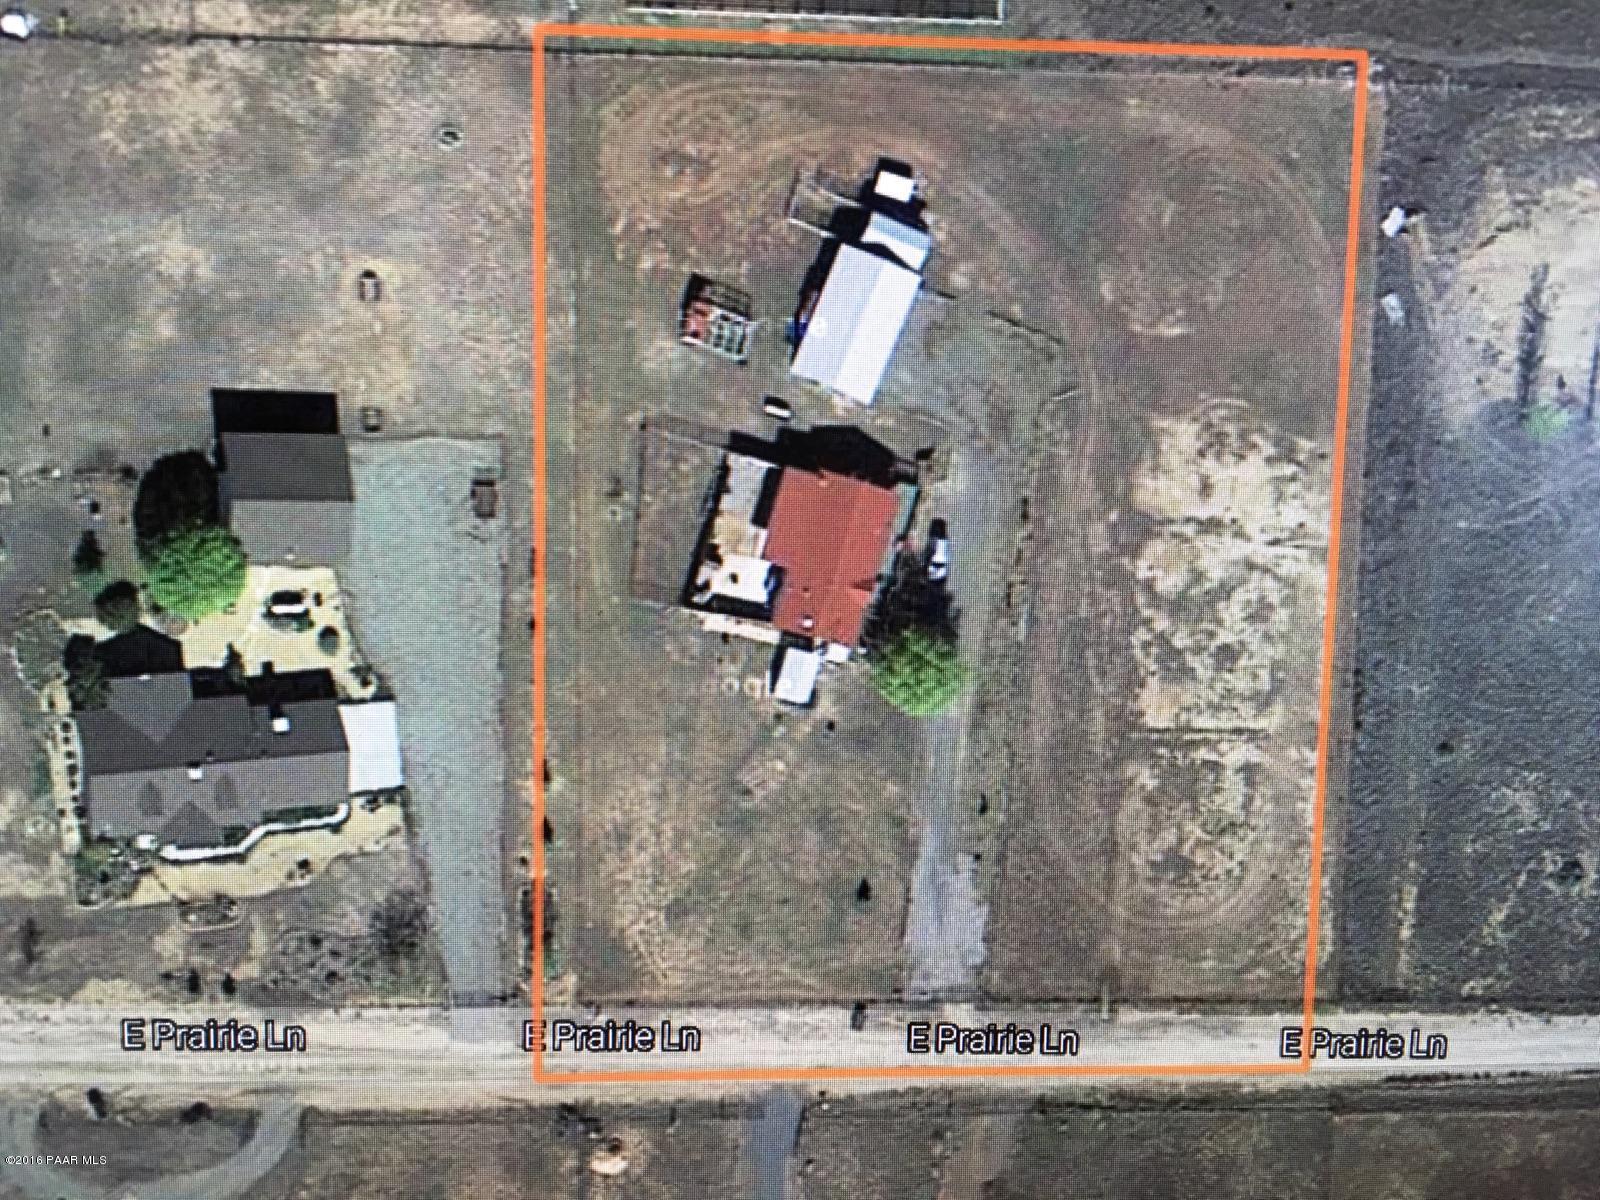 7180 E Prairie Lane, Prescott Valley Az 86315